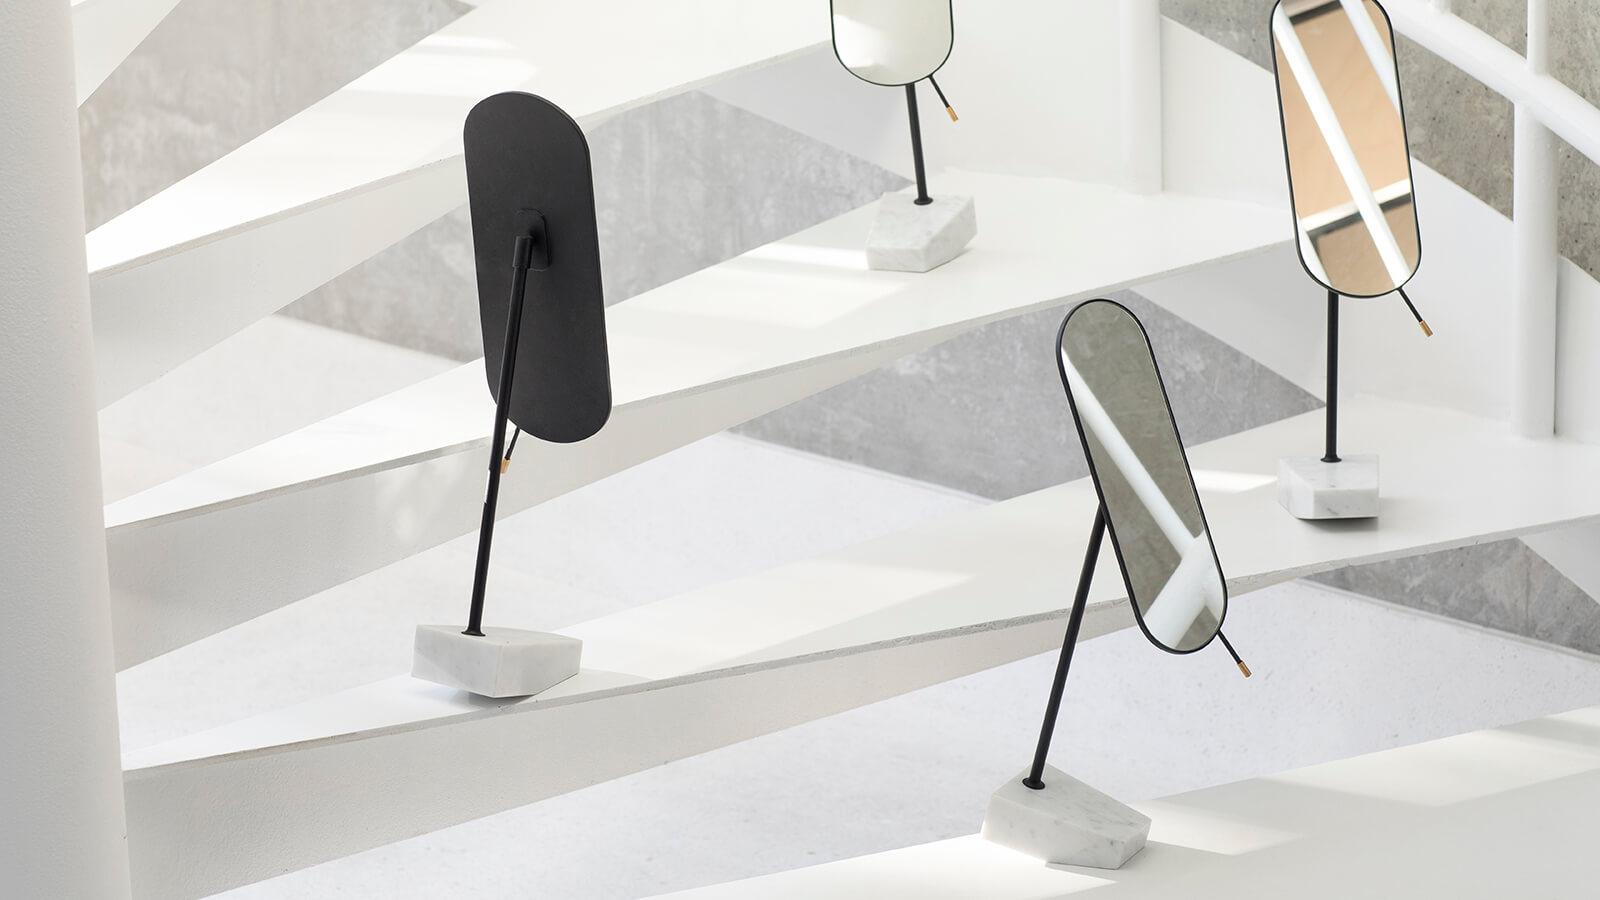 Pendulum Mirror